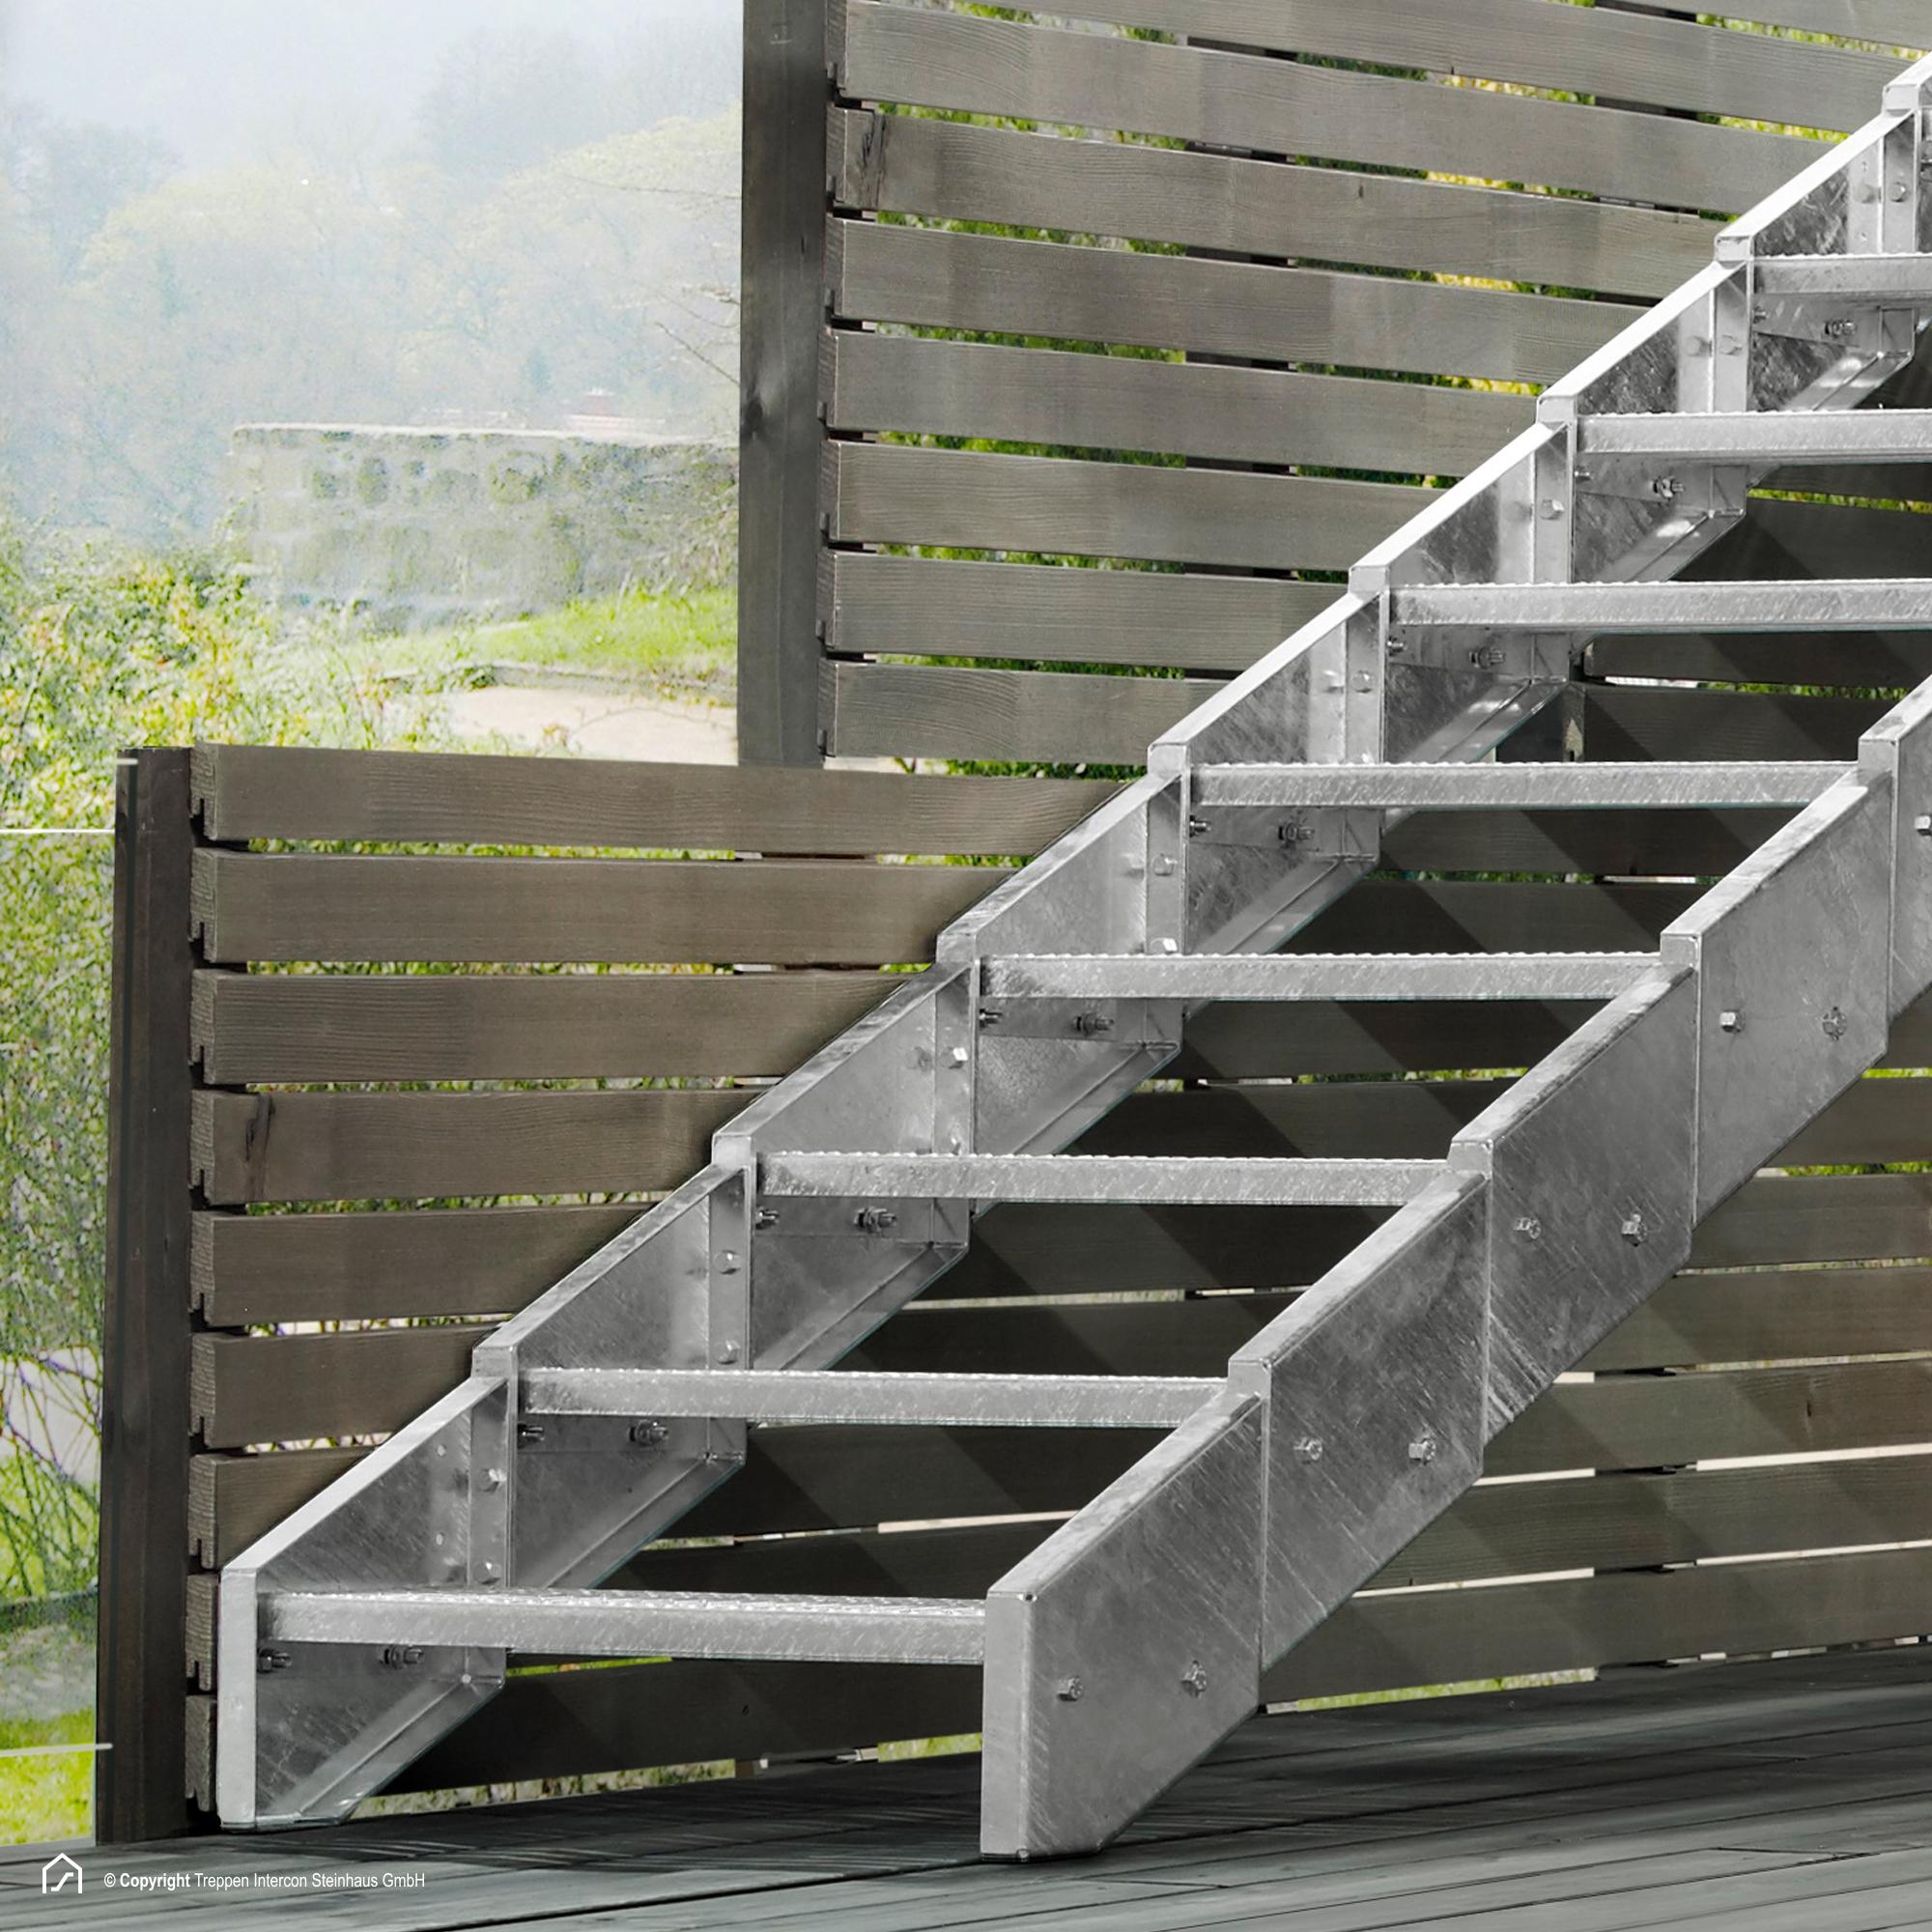 stahltreppe fur innen und aussen designs, stahltreppe ohne geländer ideal für keller und lager, Design ideen